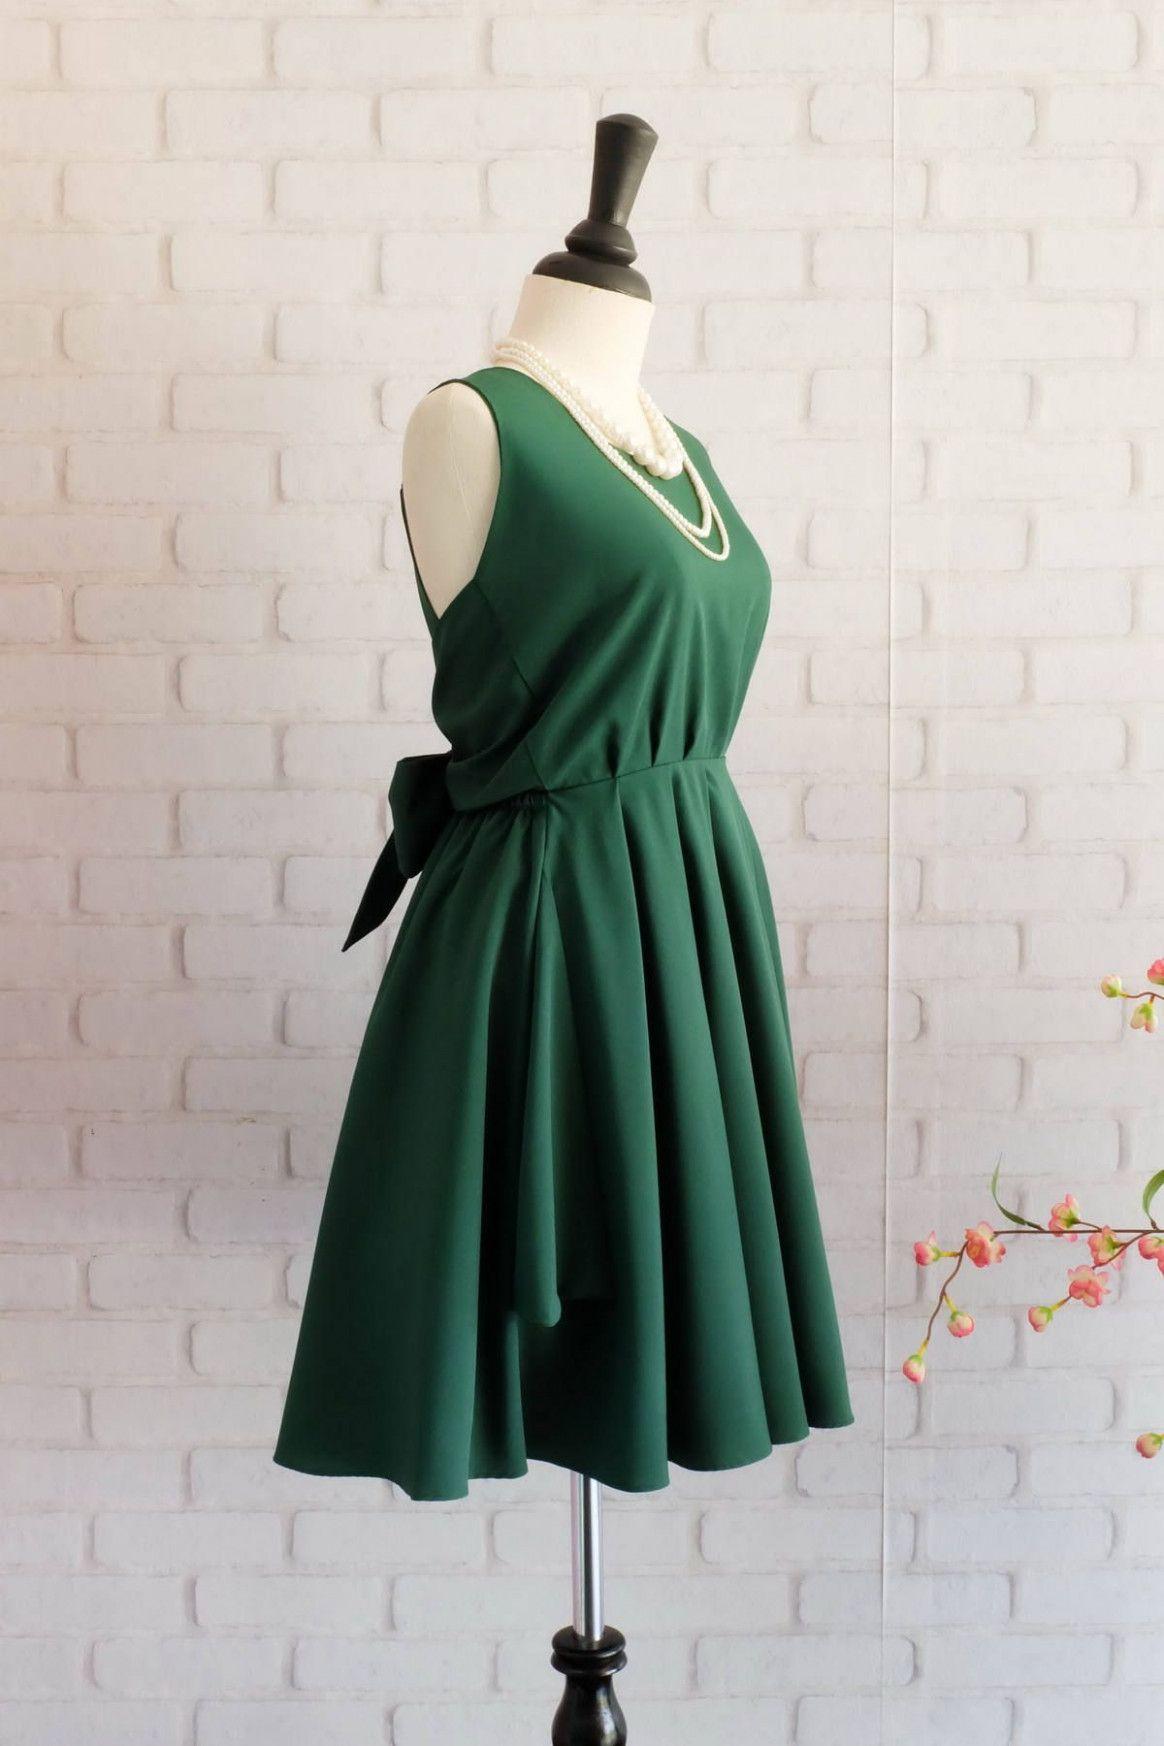 18 Kleid Grün Hochzeit in 18  Kleid hochzeit, Kleider, Grünes kleid